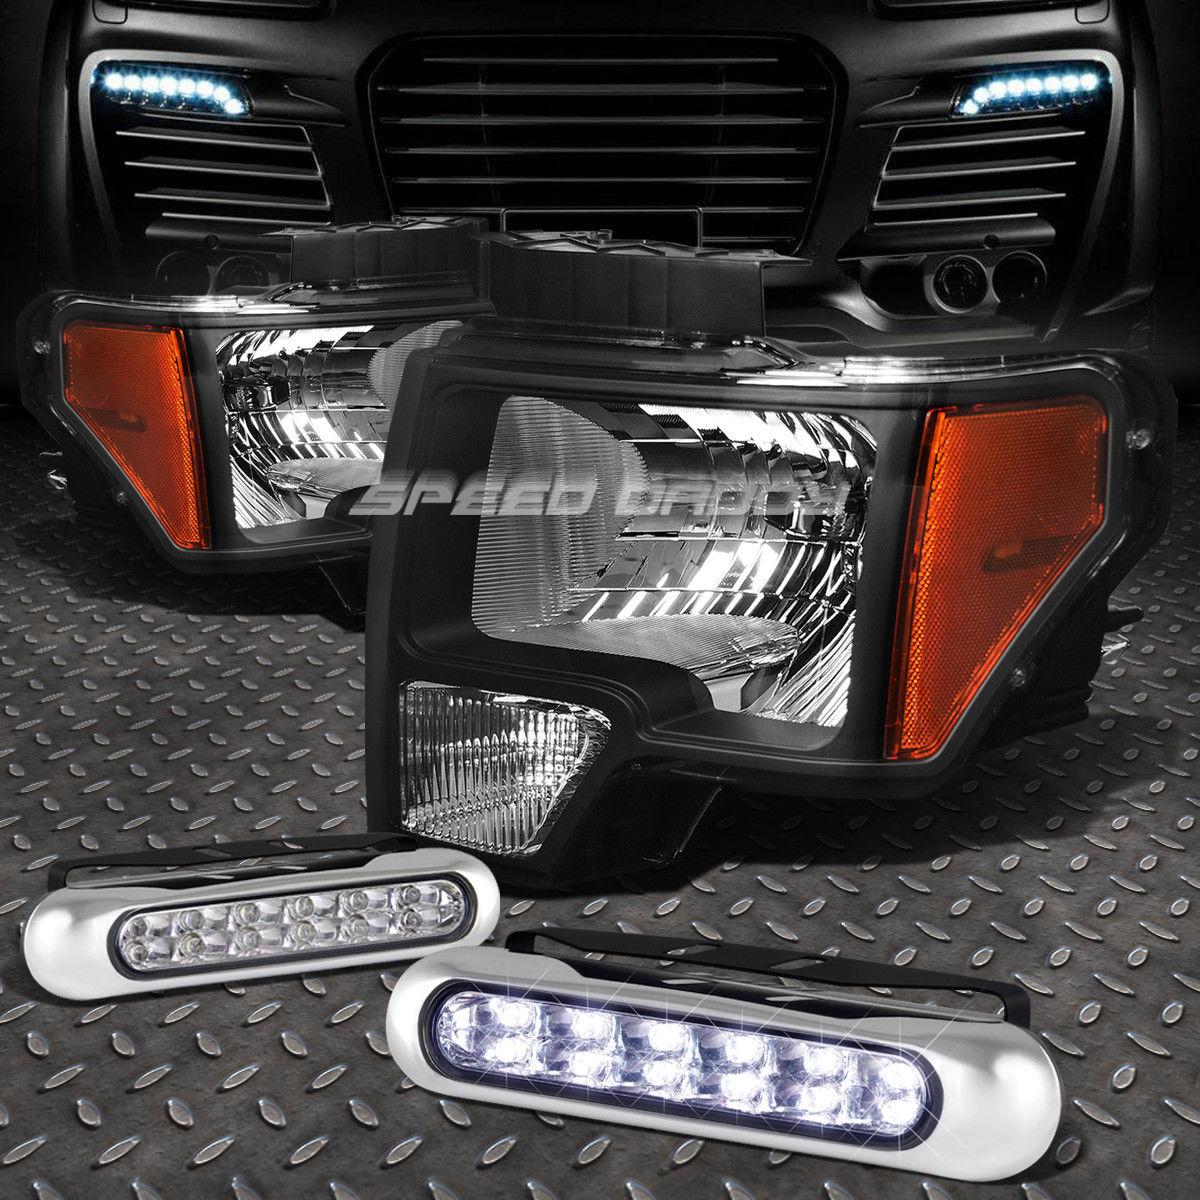 フォグライト BLACK HOUSING HEADLIGHT AMBER CORNER+12 LED GRILL FOG LIGHT FOR 09-14 FORD F150 ブラックハウジングヘッドライトアンバーコーナー+ 09-14フォードF150用12グリルフォグライト